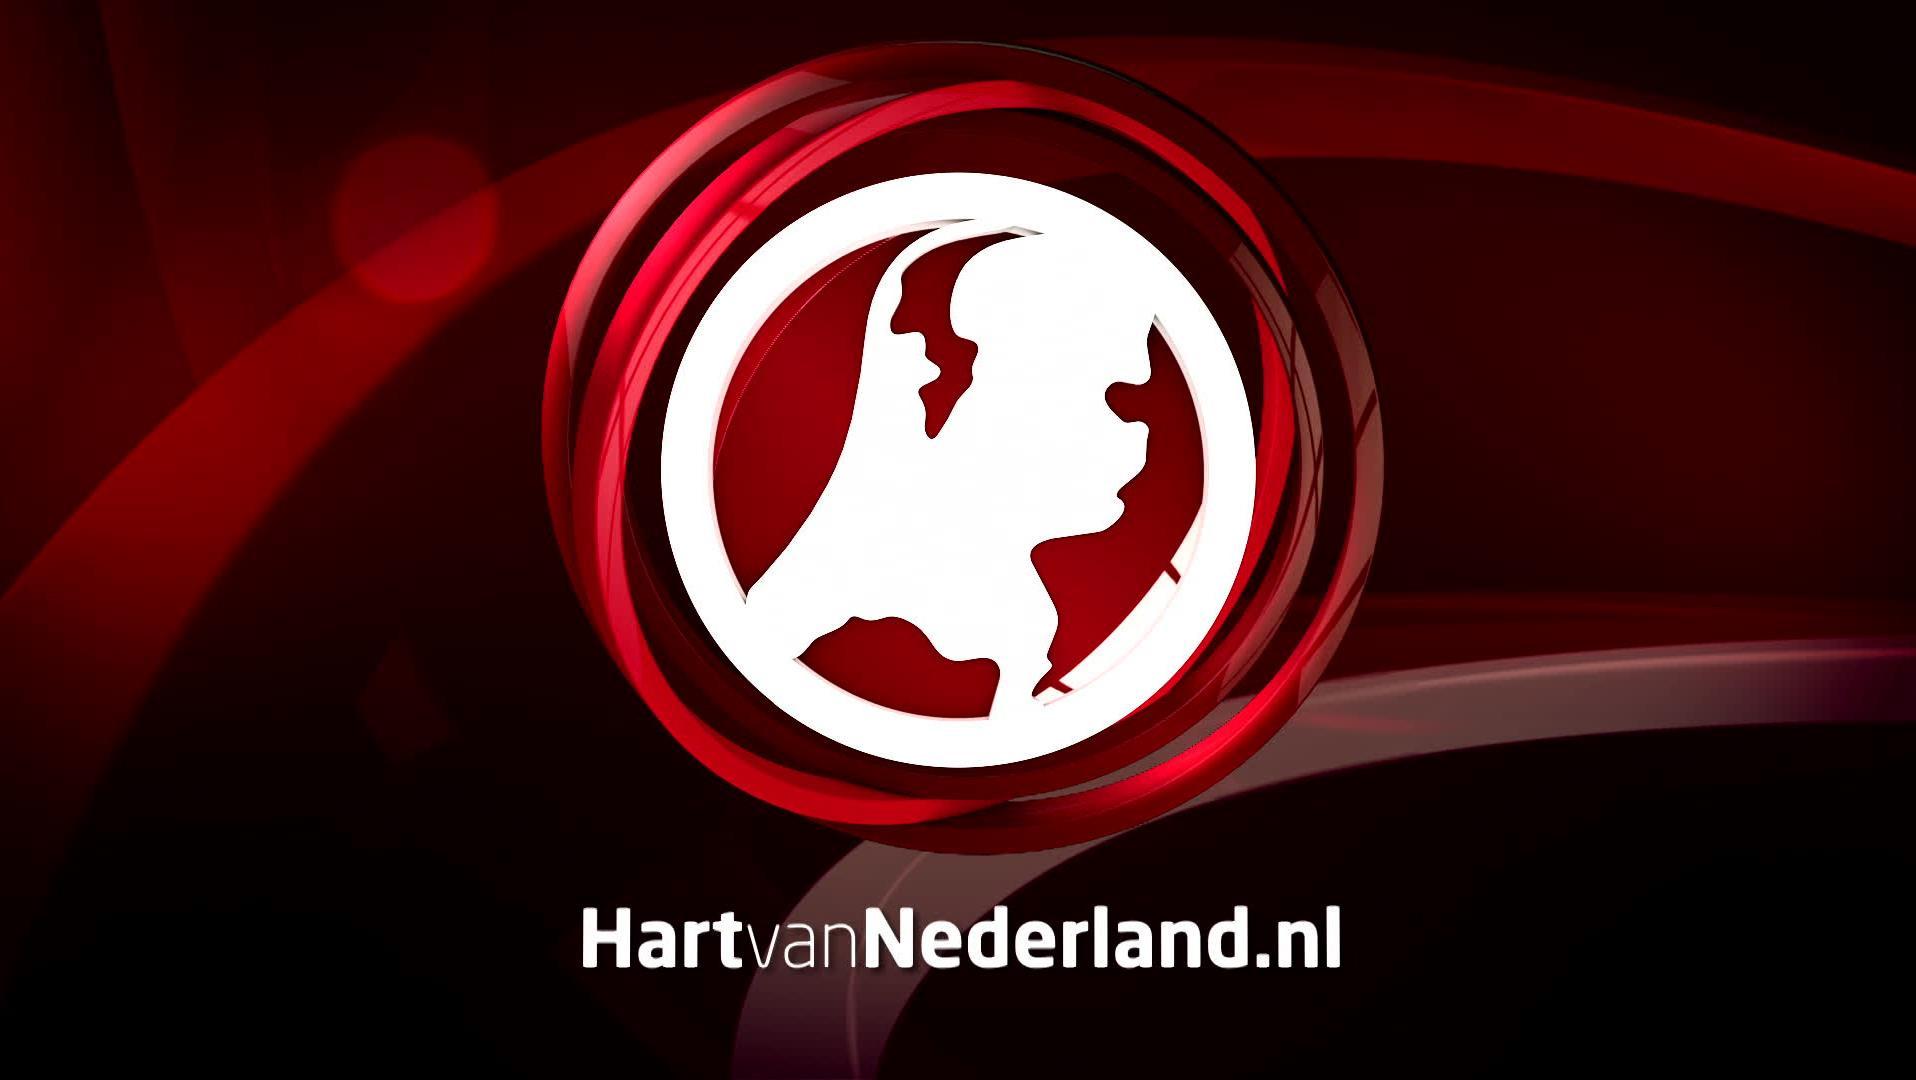 Wandeling van Sytske, haar moeder en lotgenoten bij Hart van Nederland